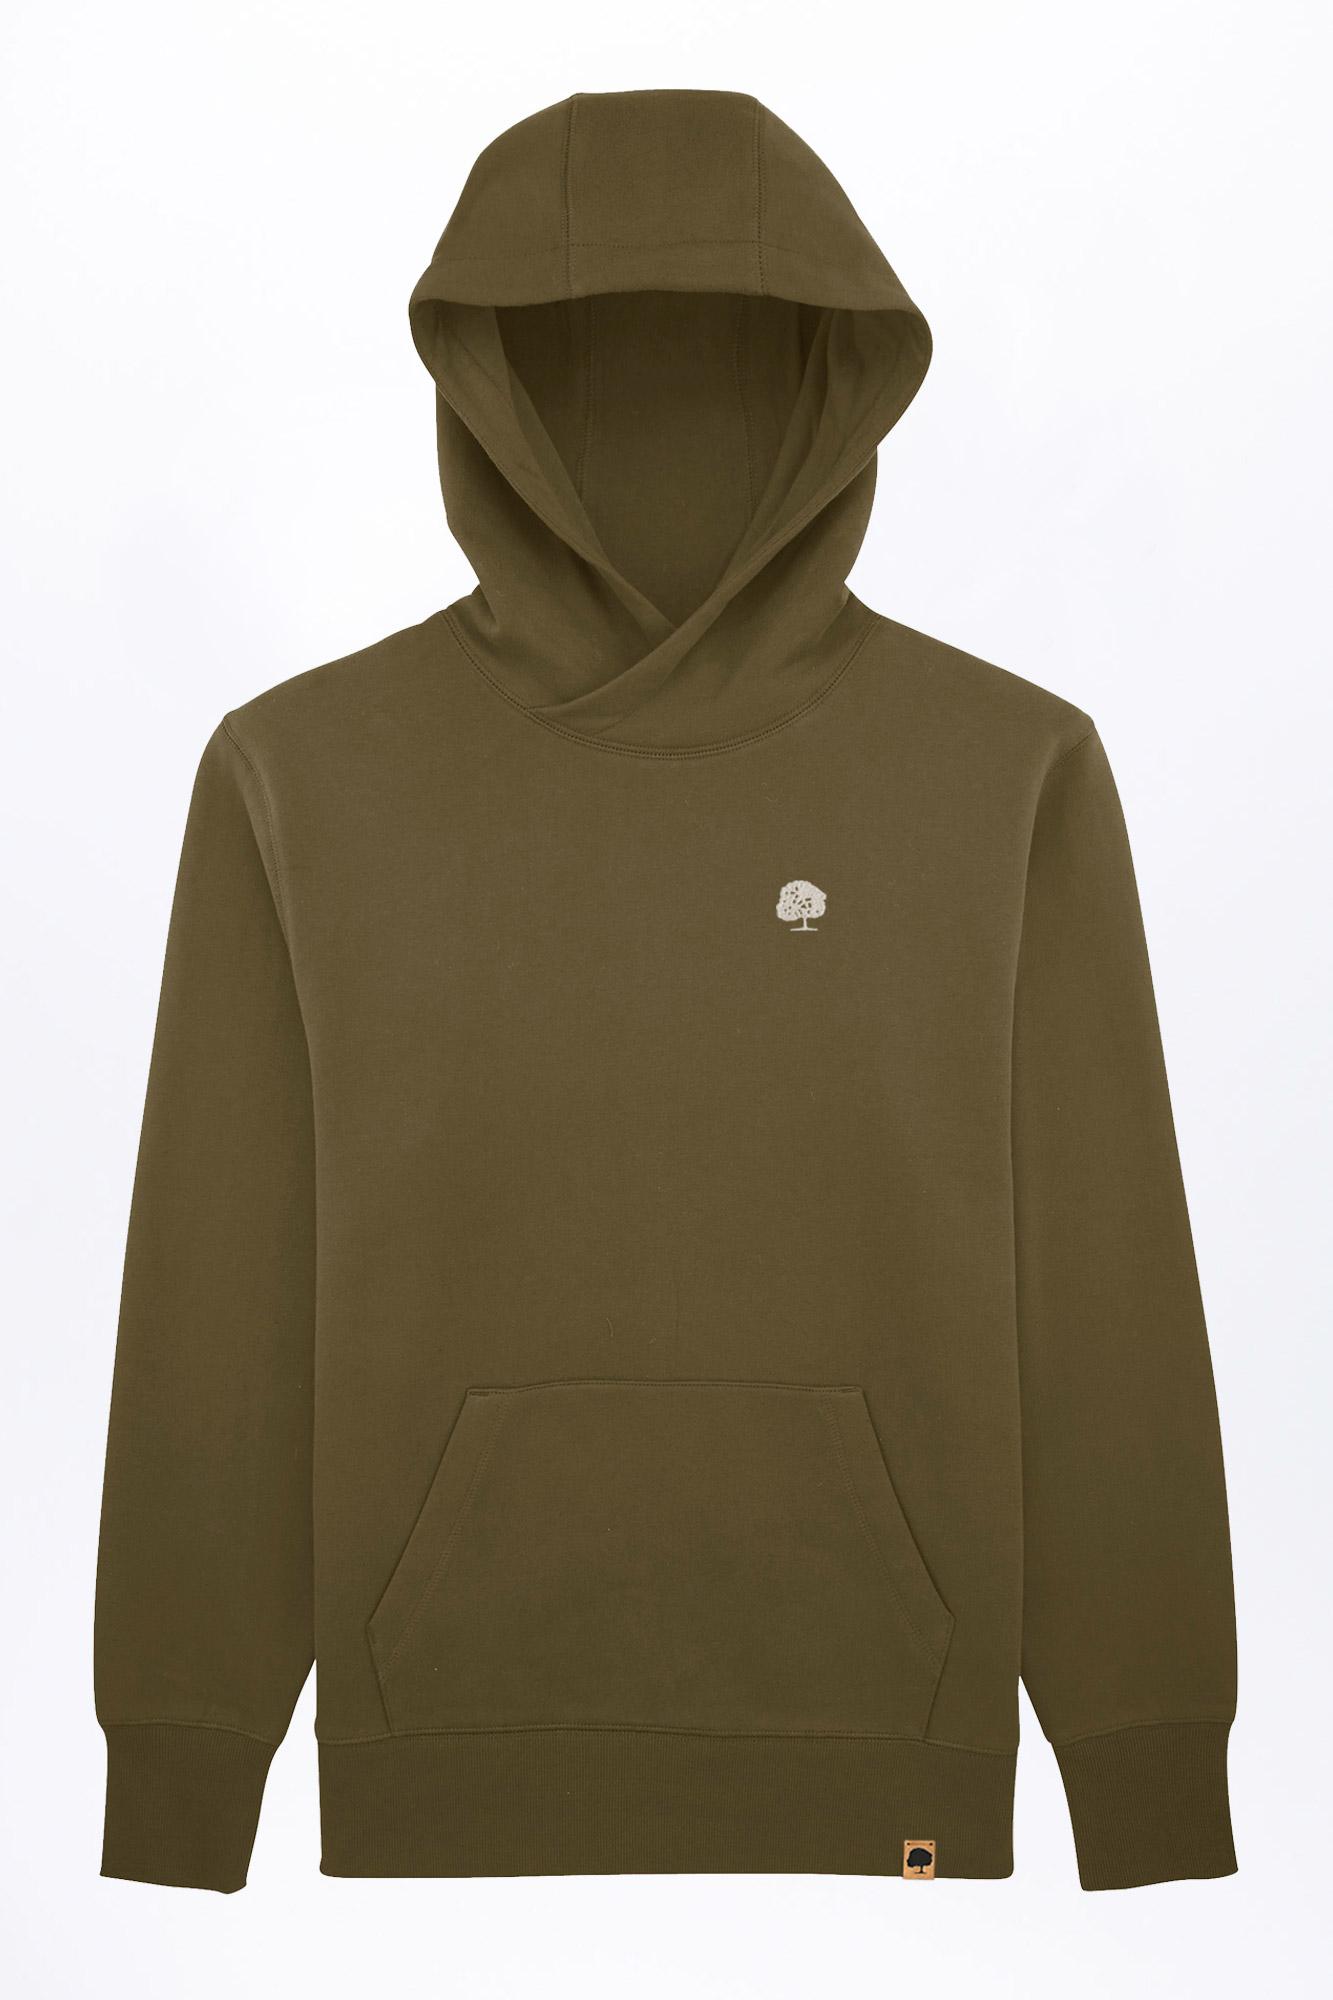 M-STSU813-Pullover-mit-Kapuze-Hoodie-nachhaltige-Kleidung-British-Khaki